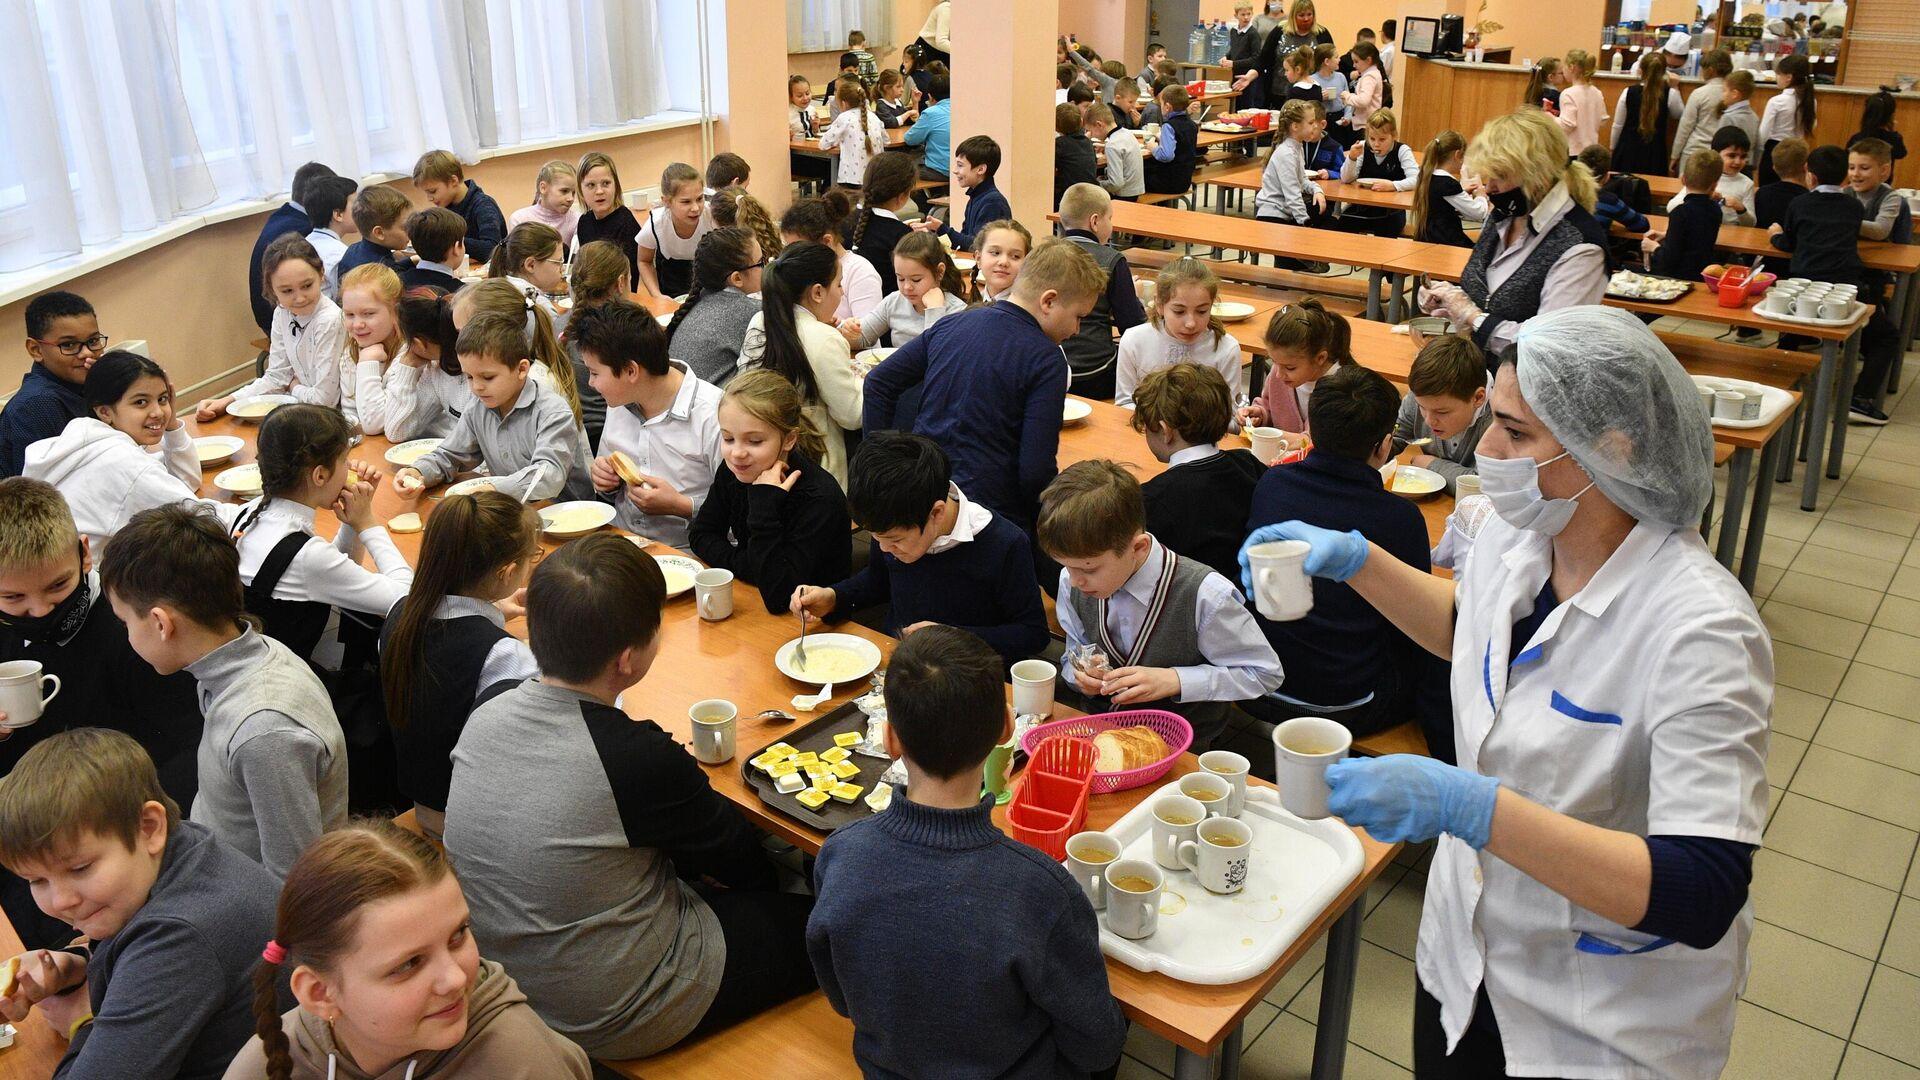 Учащиеся в столовой во время завтрака в школе №429 в Москве - РИА Новости, 1920, 25.01.2021